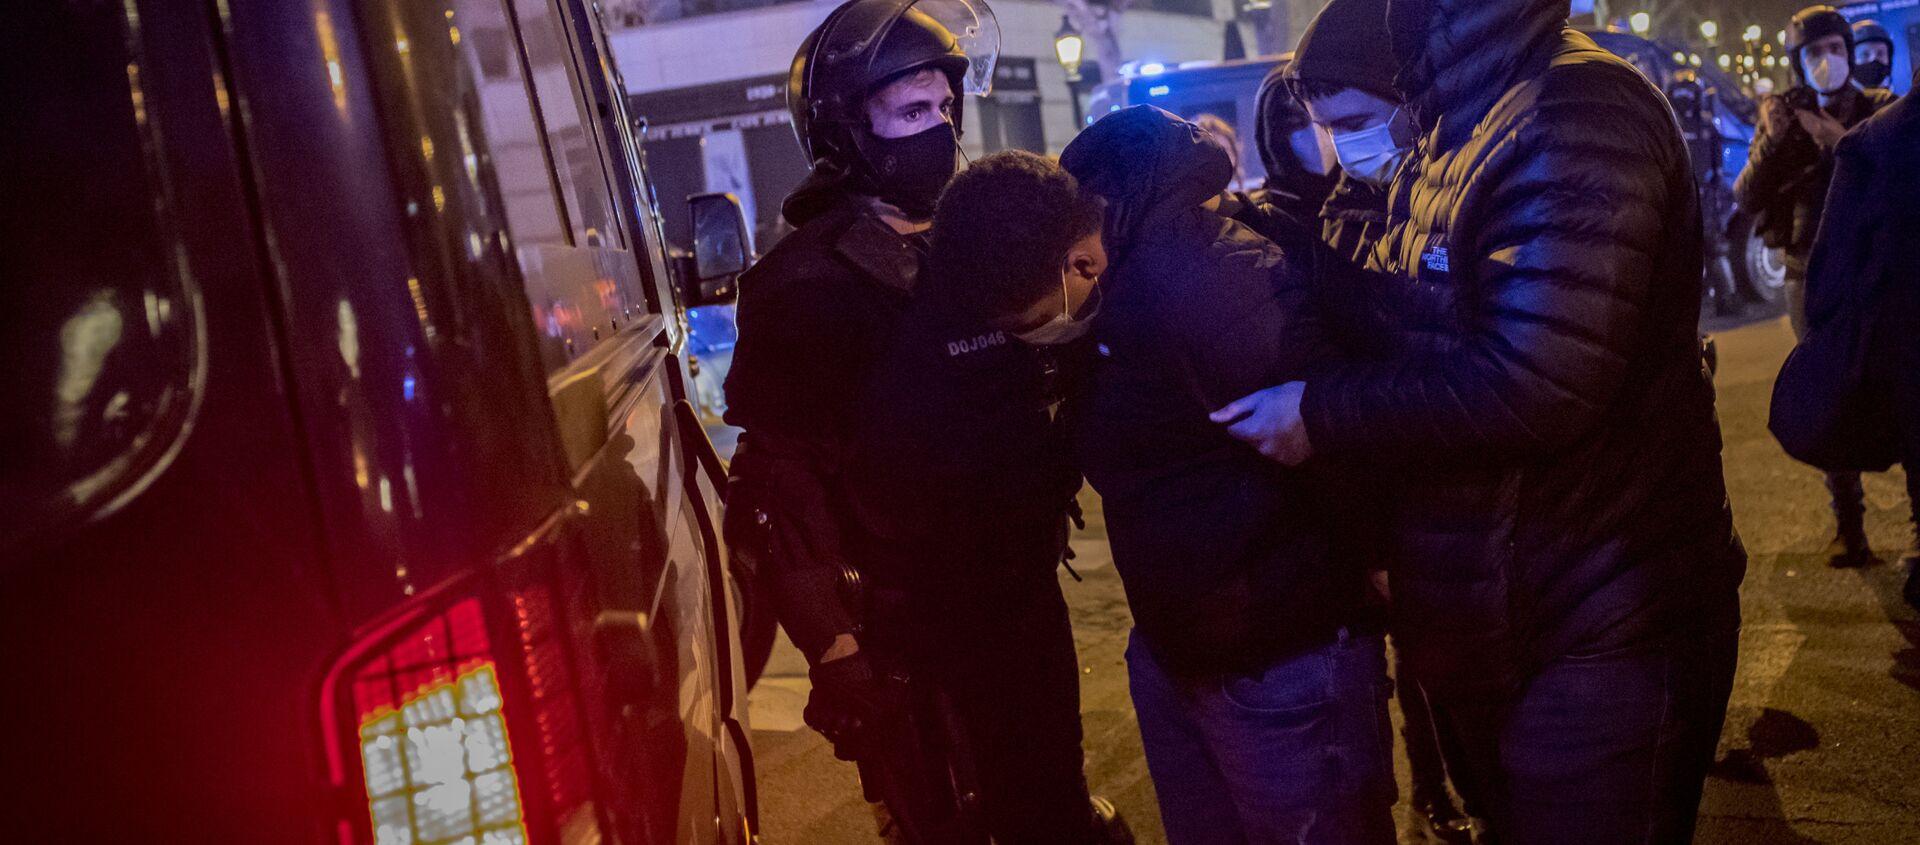 Zamieszki w Barcelonie po aresztowaniu rapera Pablo Asela. - Sputnik Polska, 1920, 21.02.2021